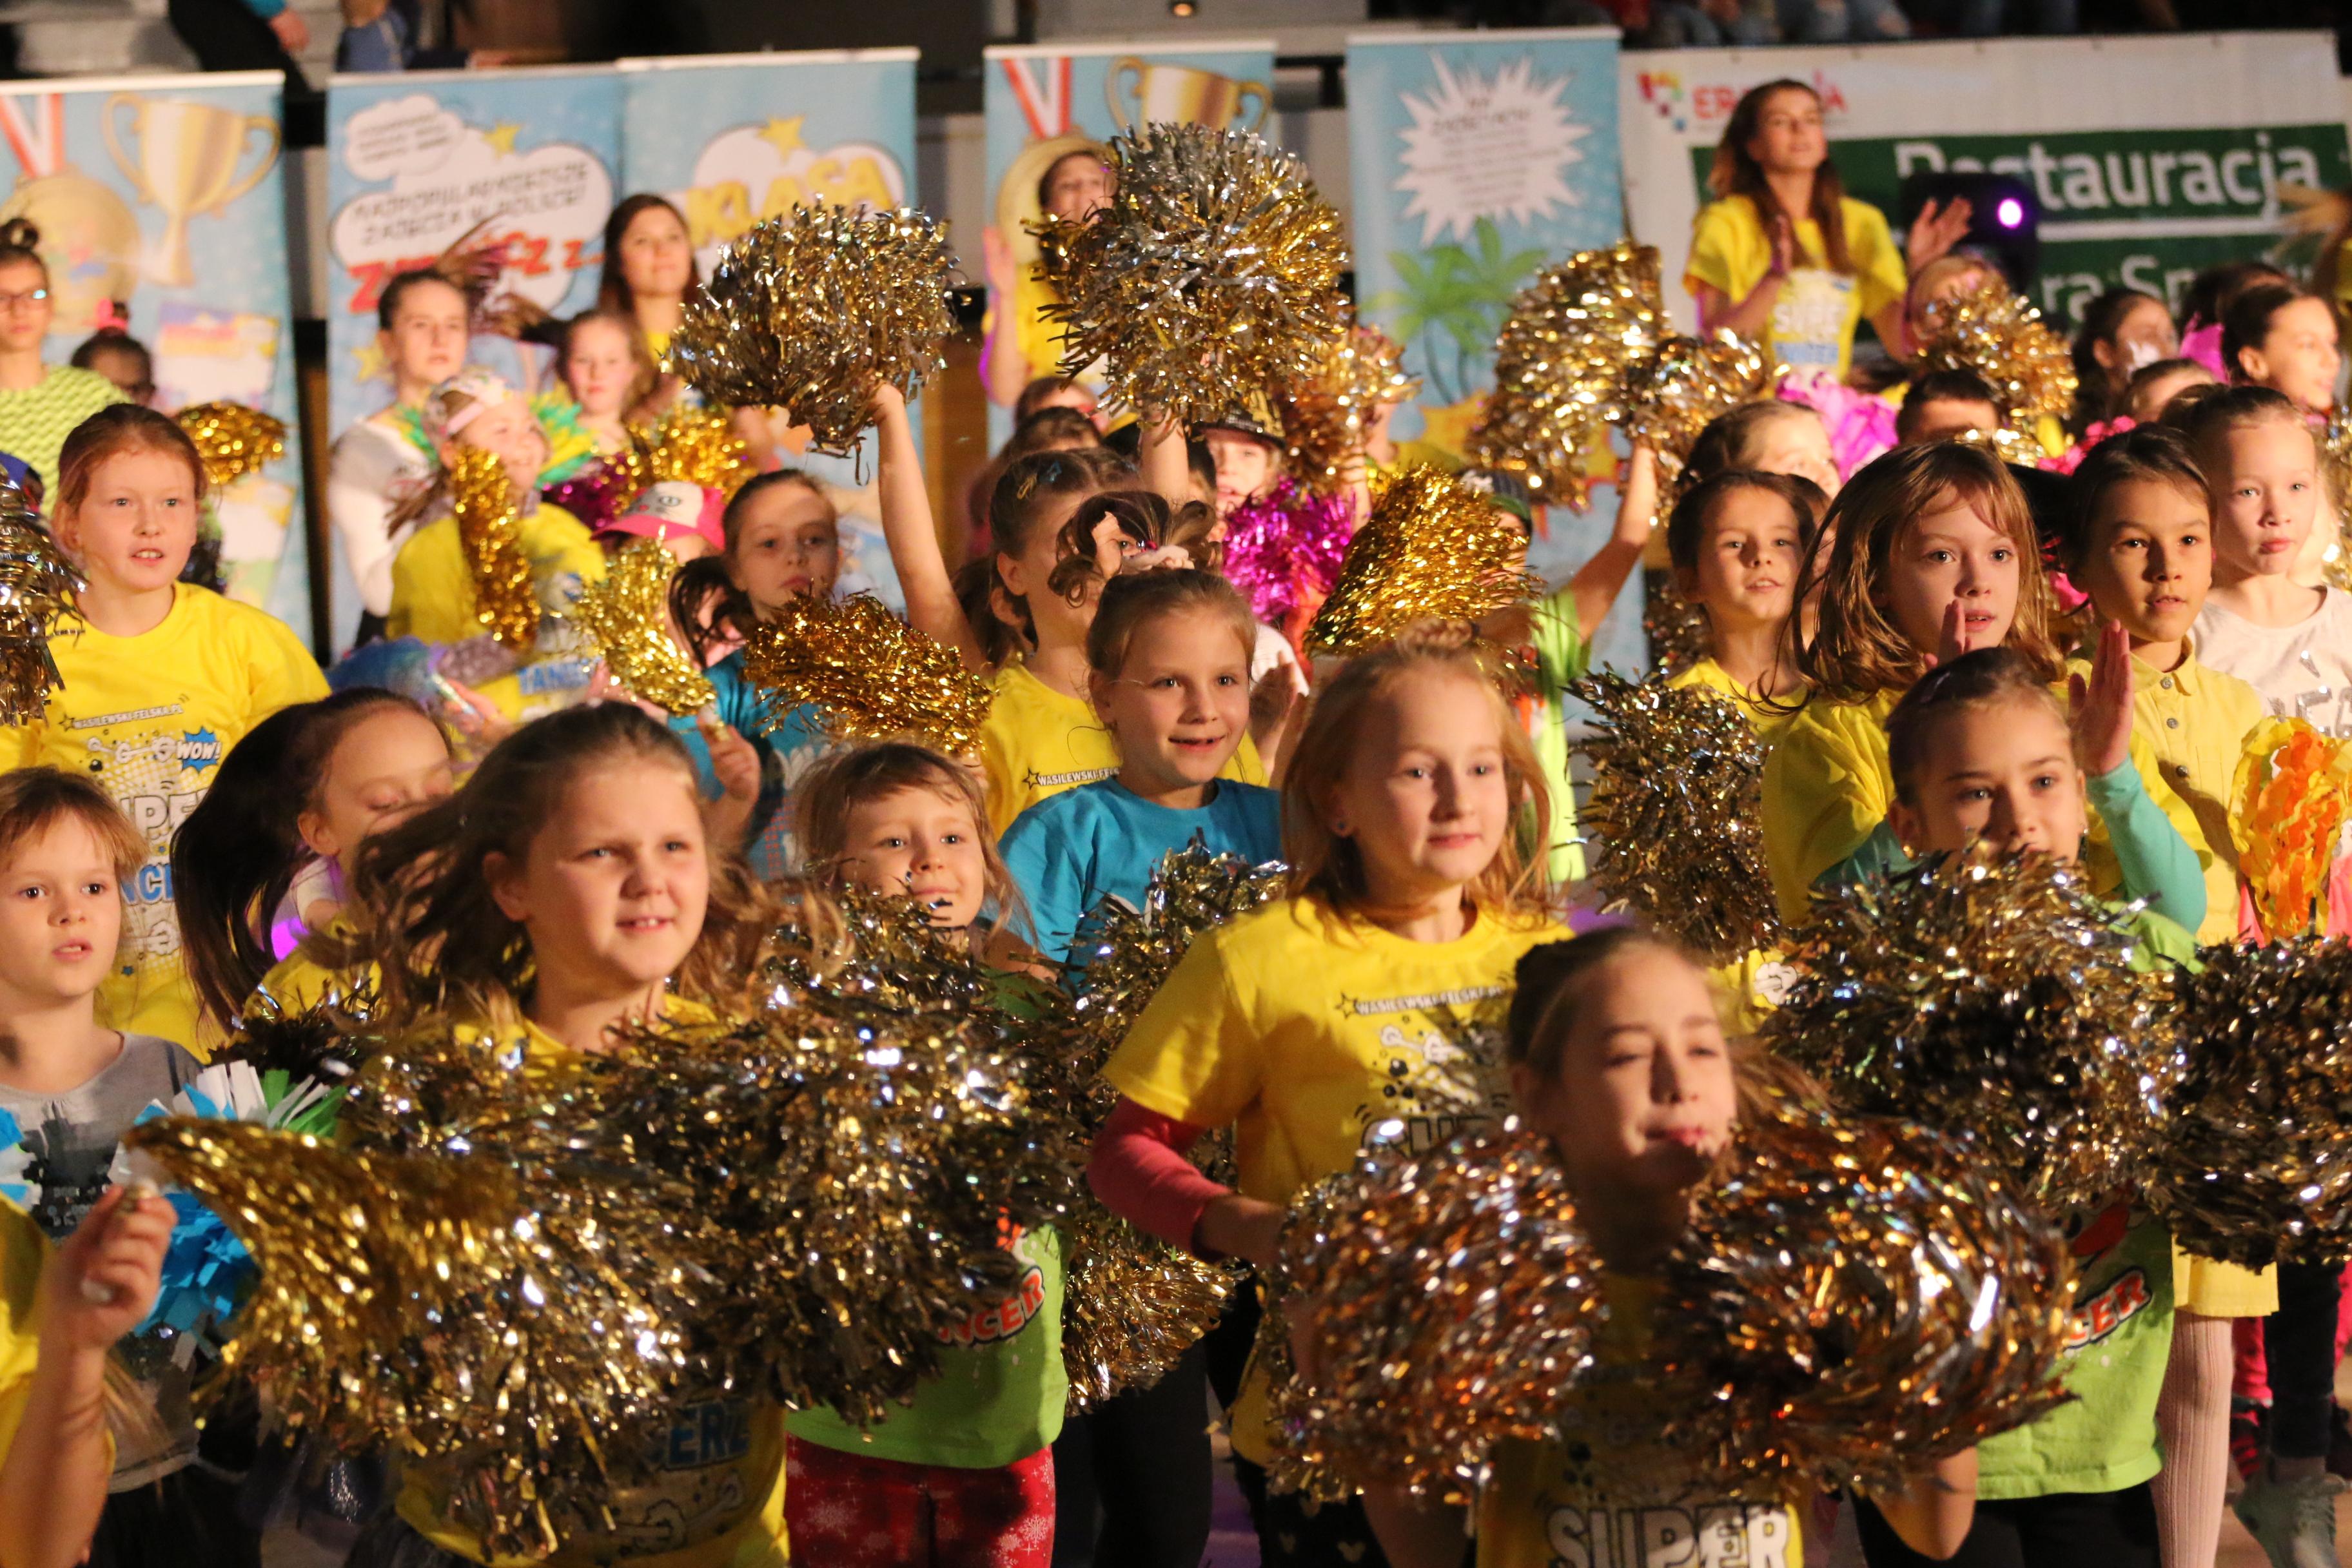 Tłumy na happeningu Olsztyn tańczy w Uranii [ZDJĘCIA]